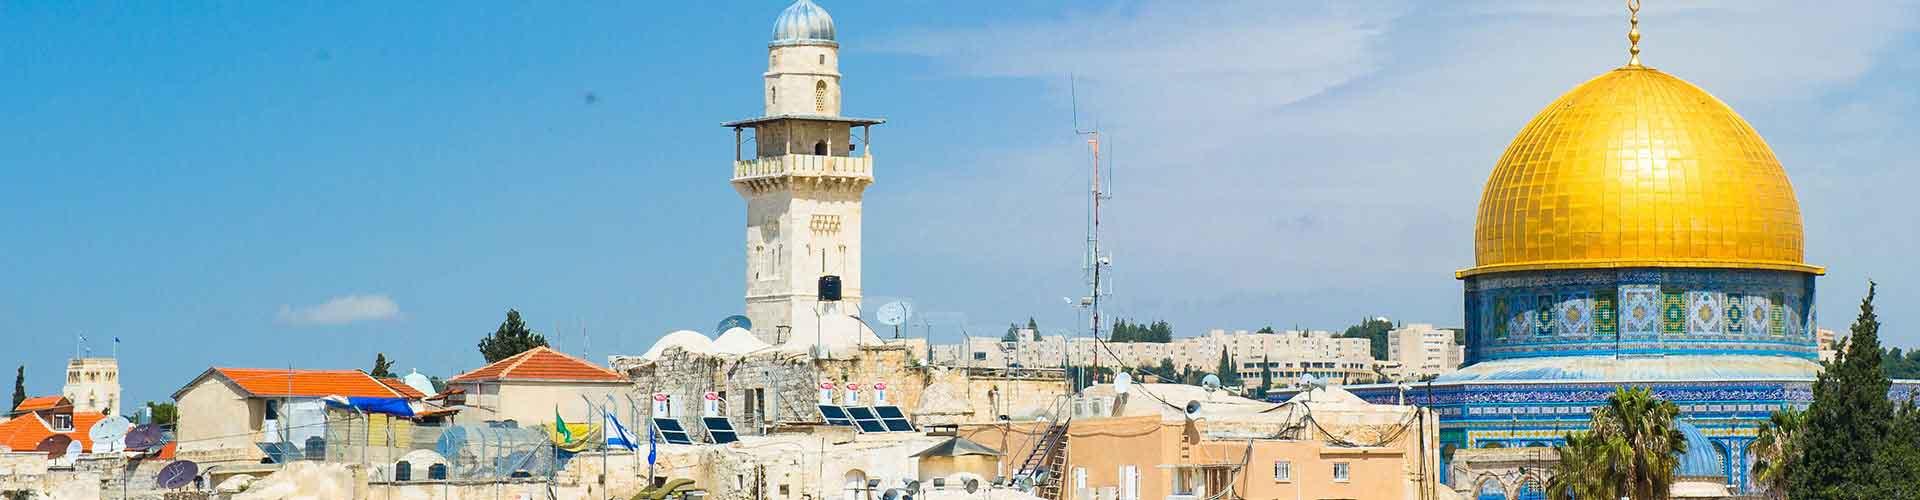 エルサレム – アパート エルサレム. 地図 エルサレム, すべてのアパートの写真とレビュー エルサレム.